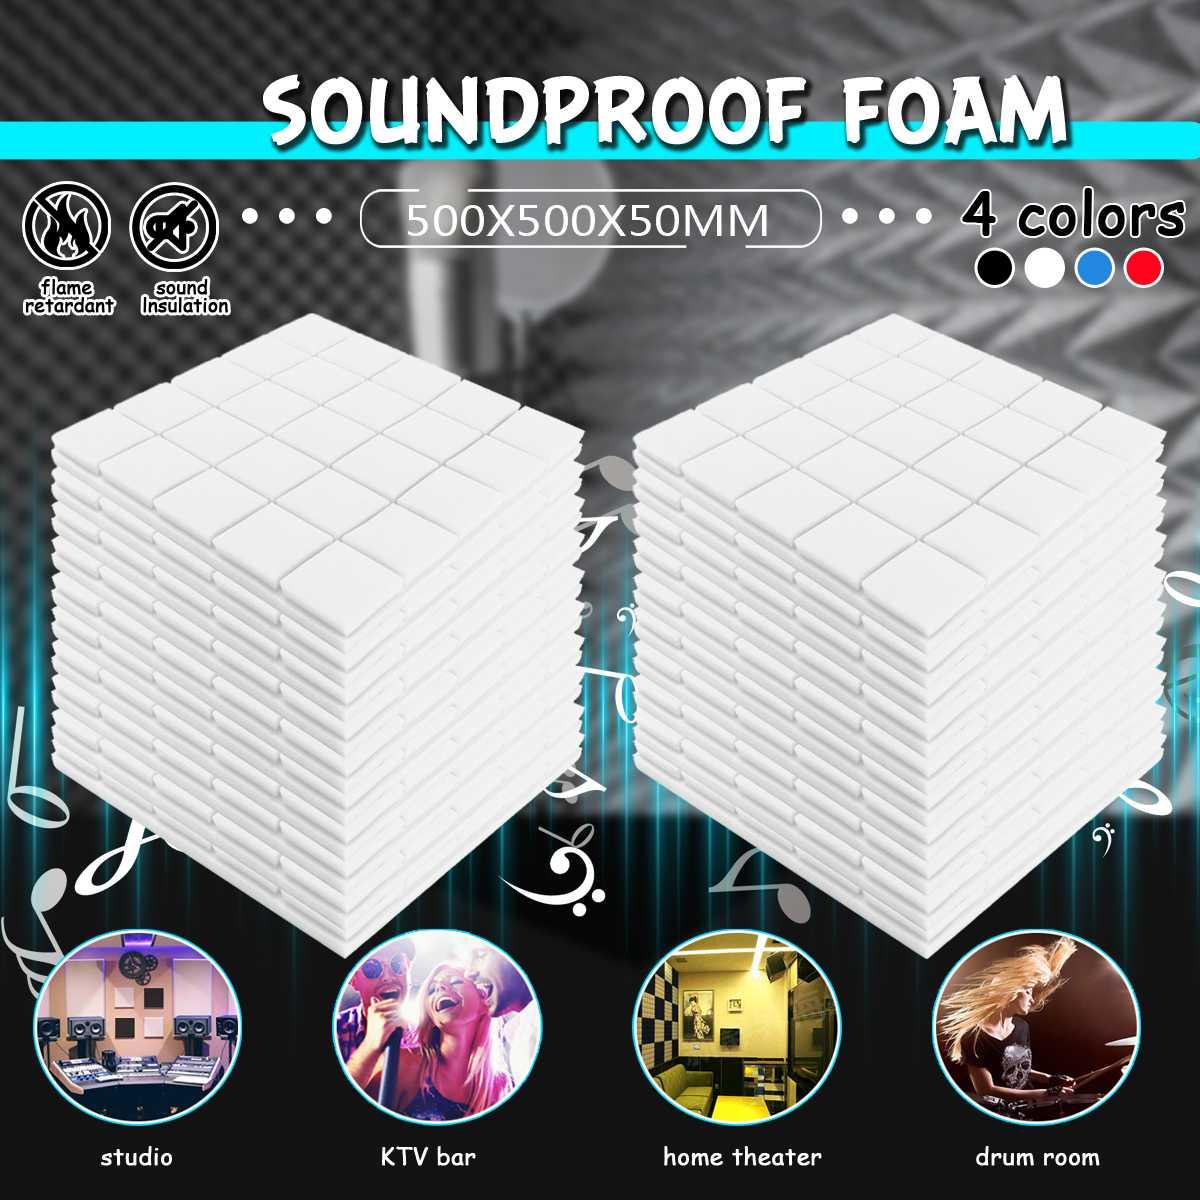 24 Uds. 4 colores 50x50x5cm estudio acústico insonorizado espuma absorción de sonido Panel de tratamiento azulejo cuña esponja protectora - 2